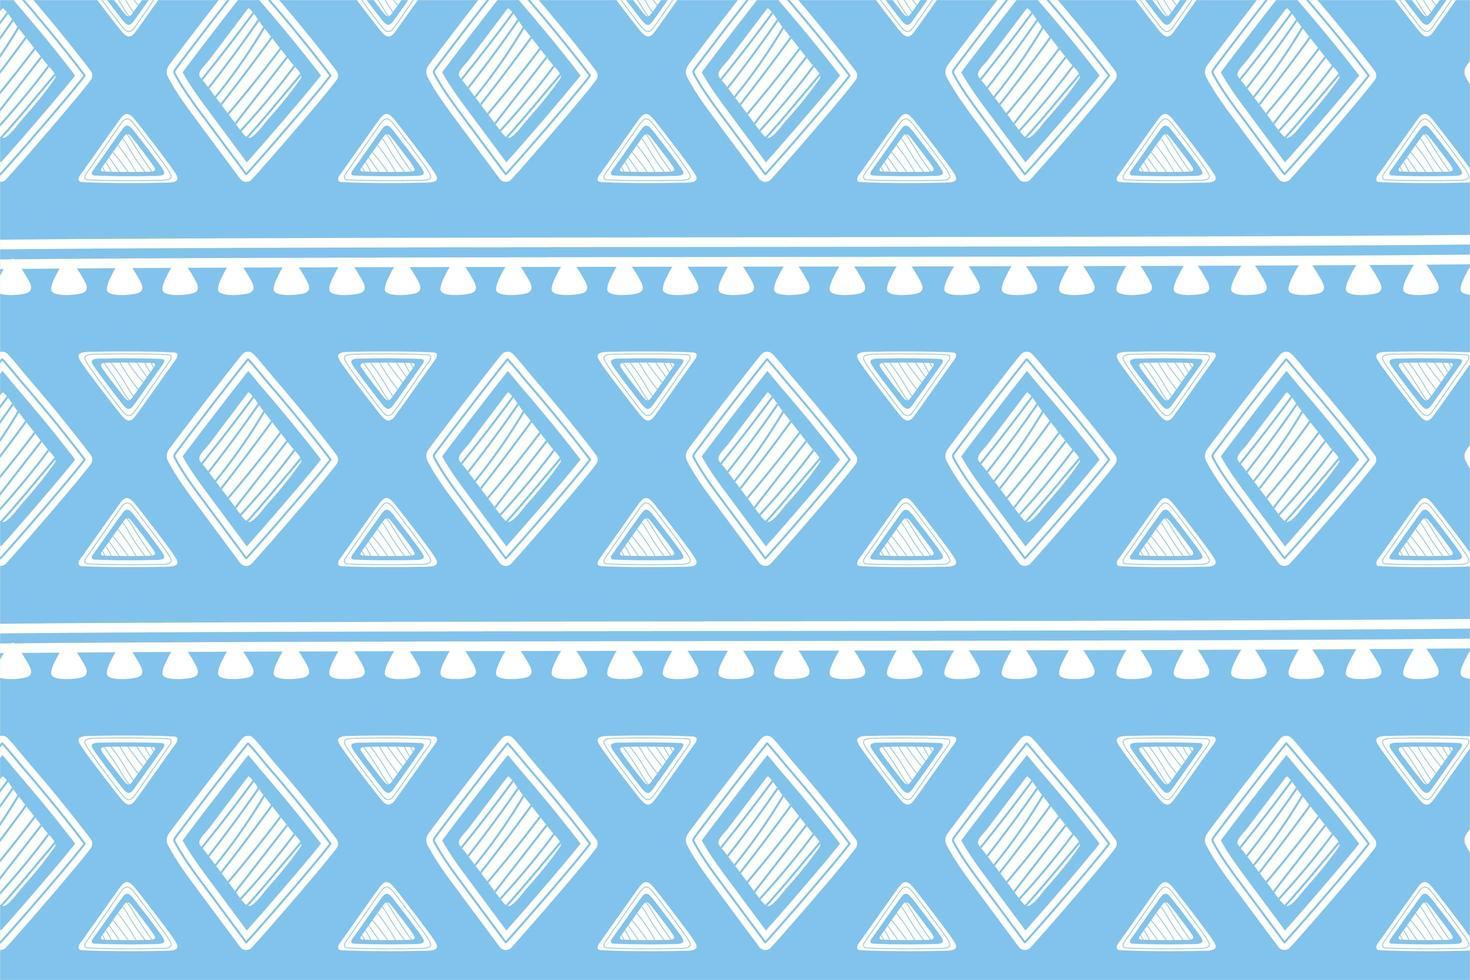 étnico feito à mão. papel de parede de ornamento tribal geométrico vetor